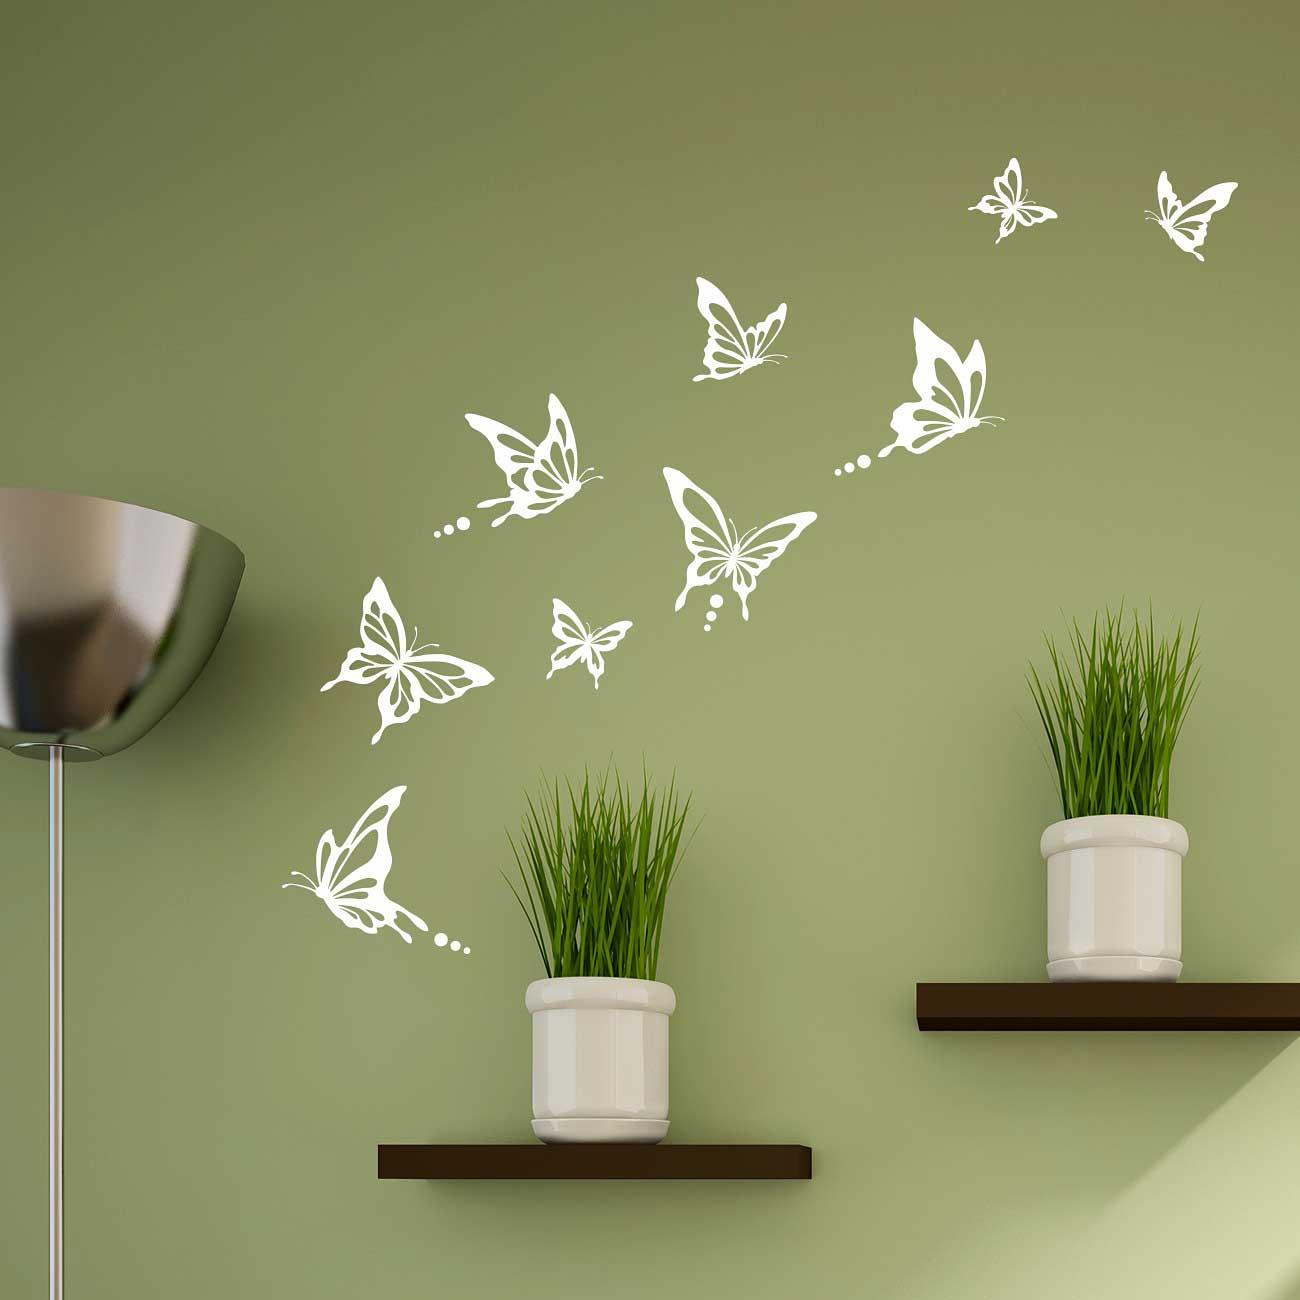 Wandtattoo Schmetterlinge modern weiß-Wohnzimmer